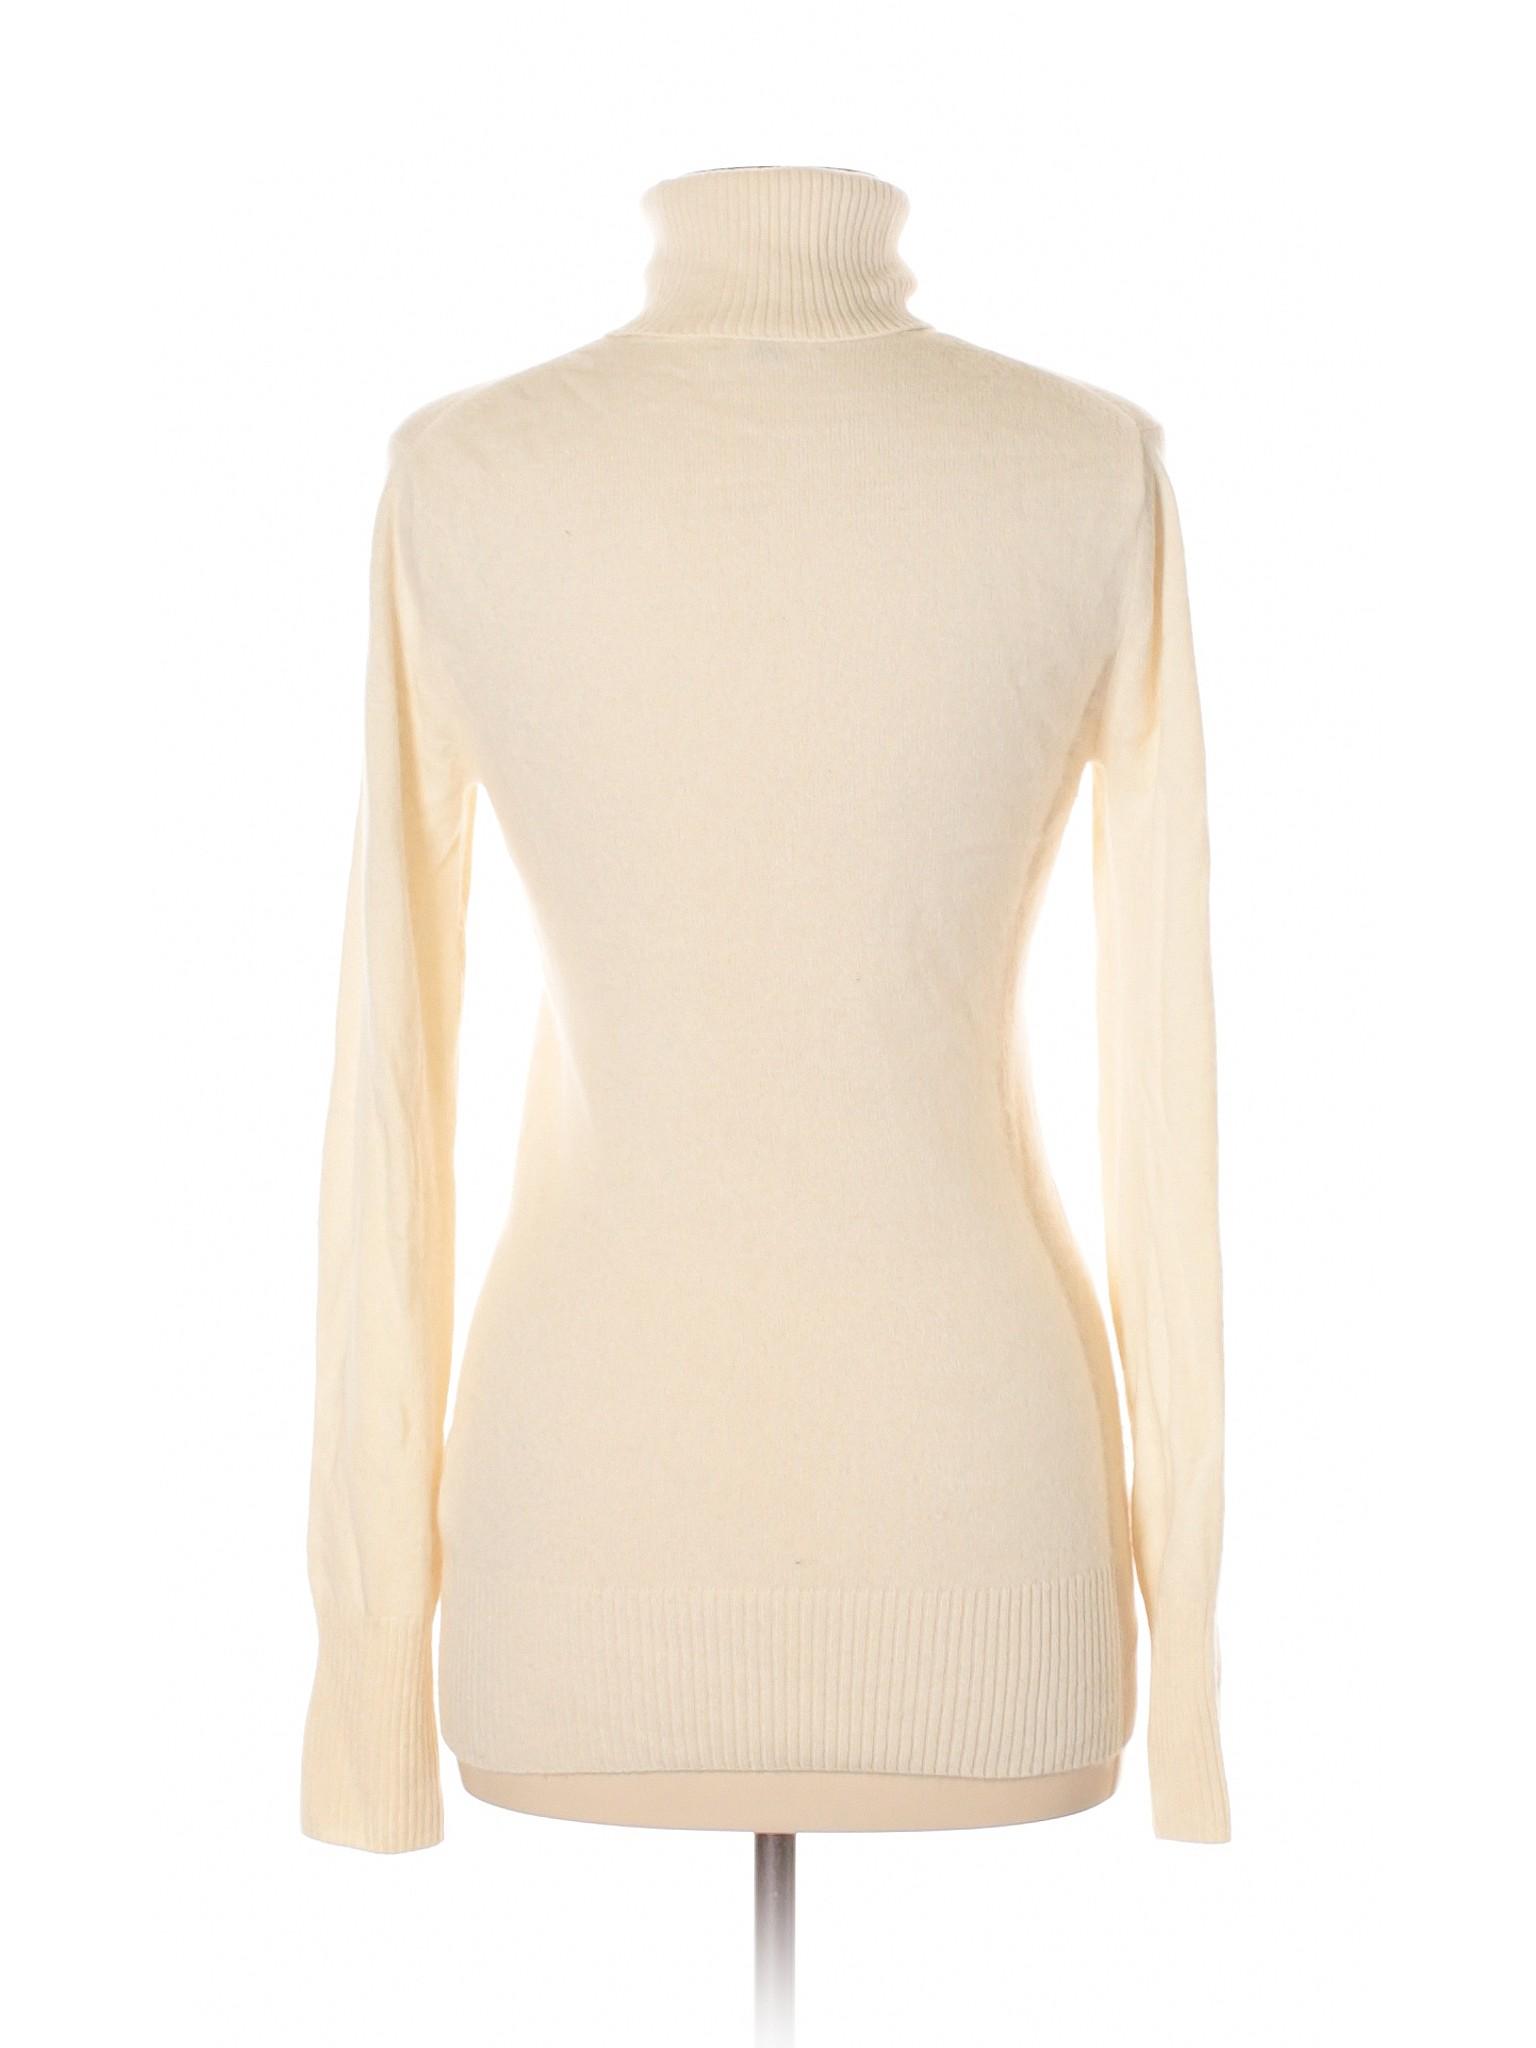 Cashmere Sweater Pullover Boutique winter Hayden Z4qwERw